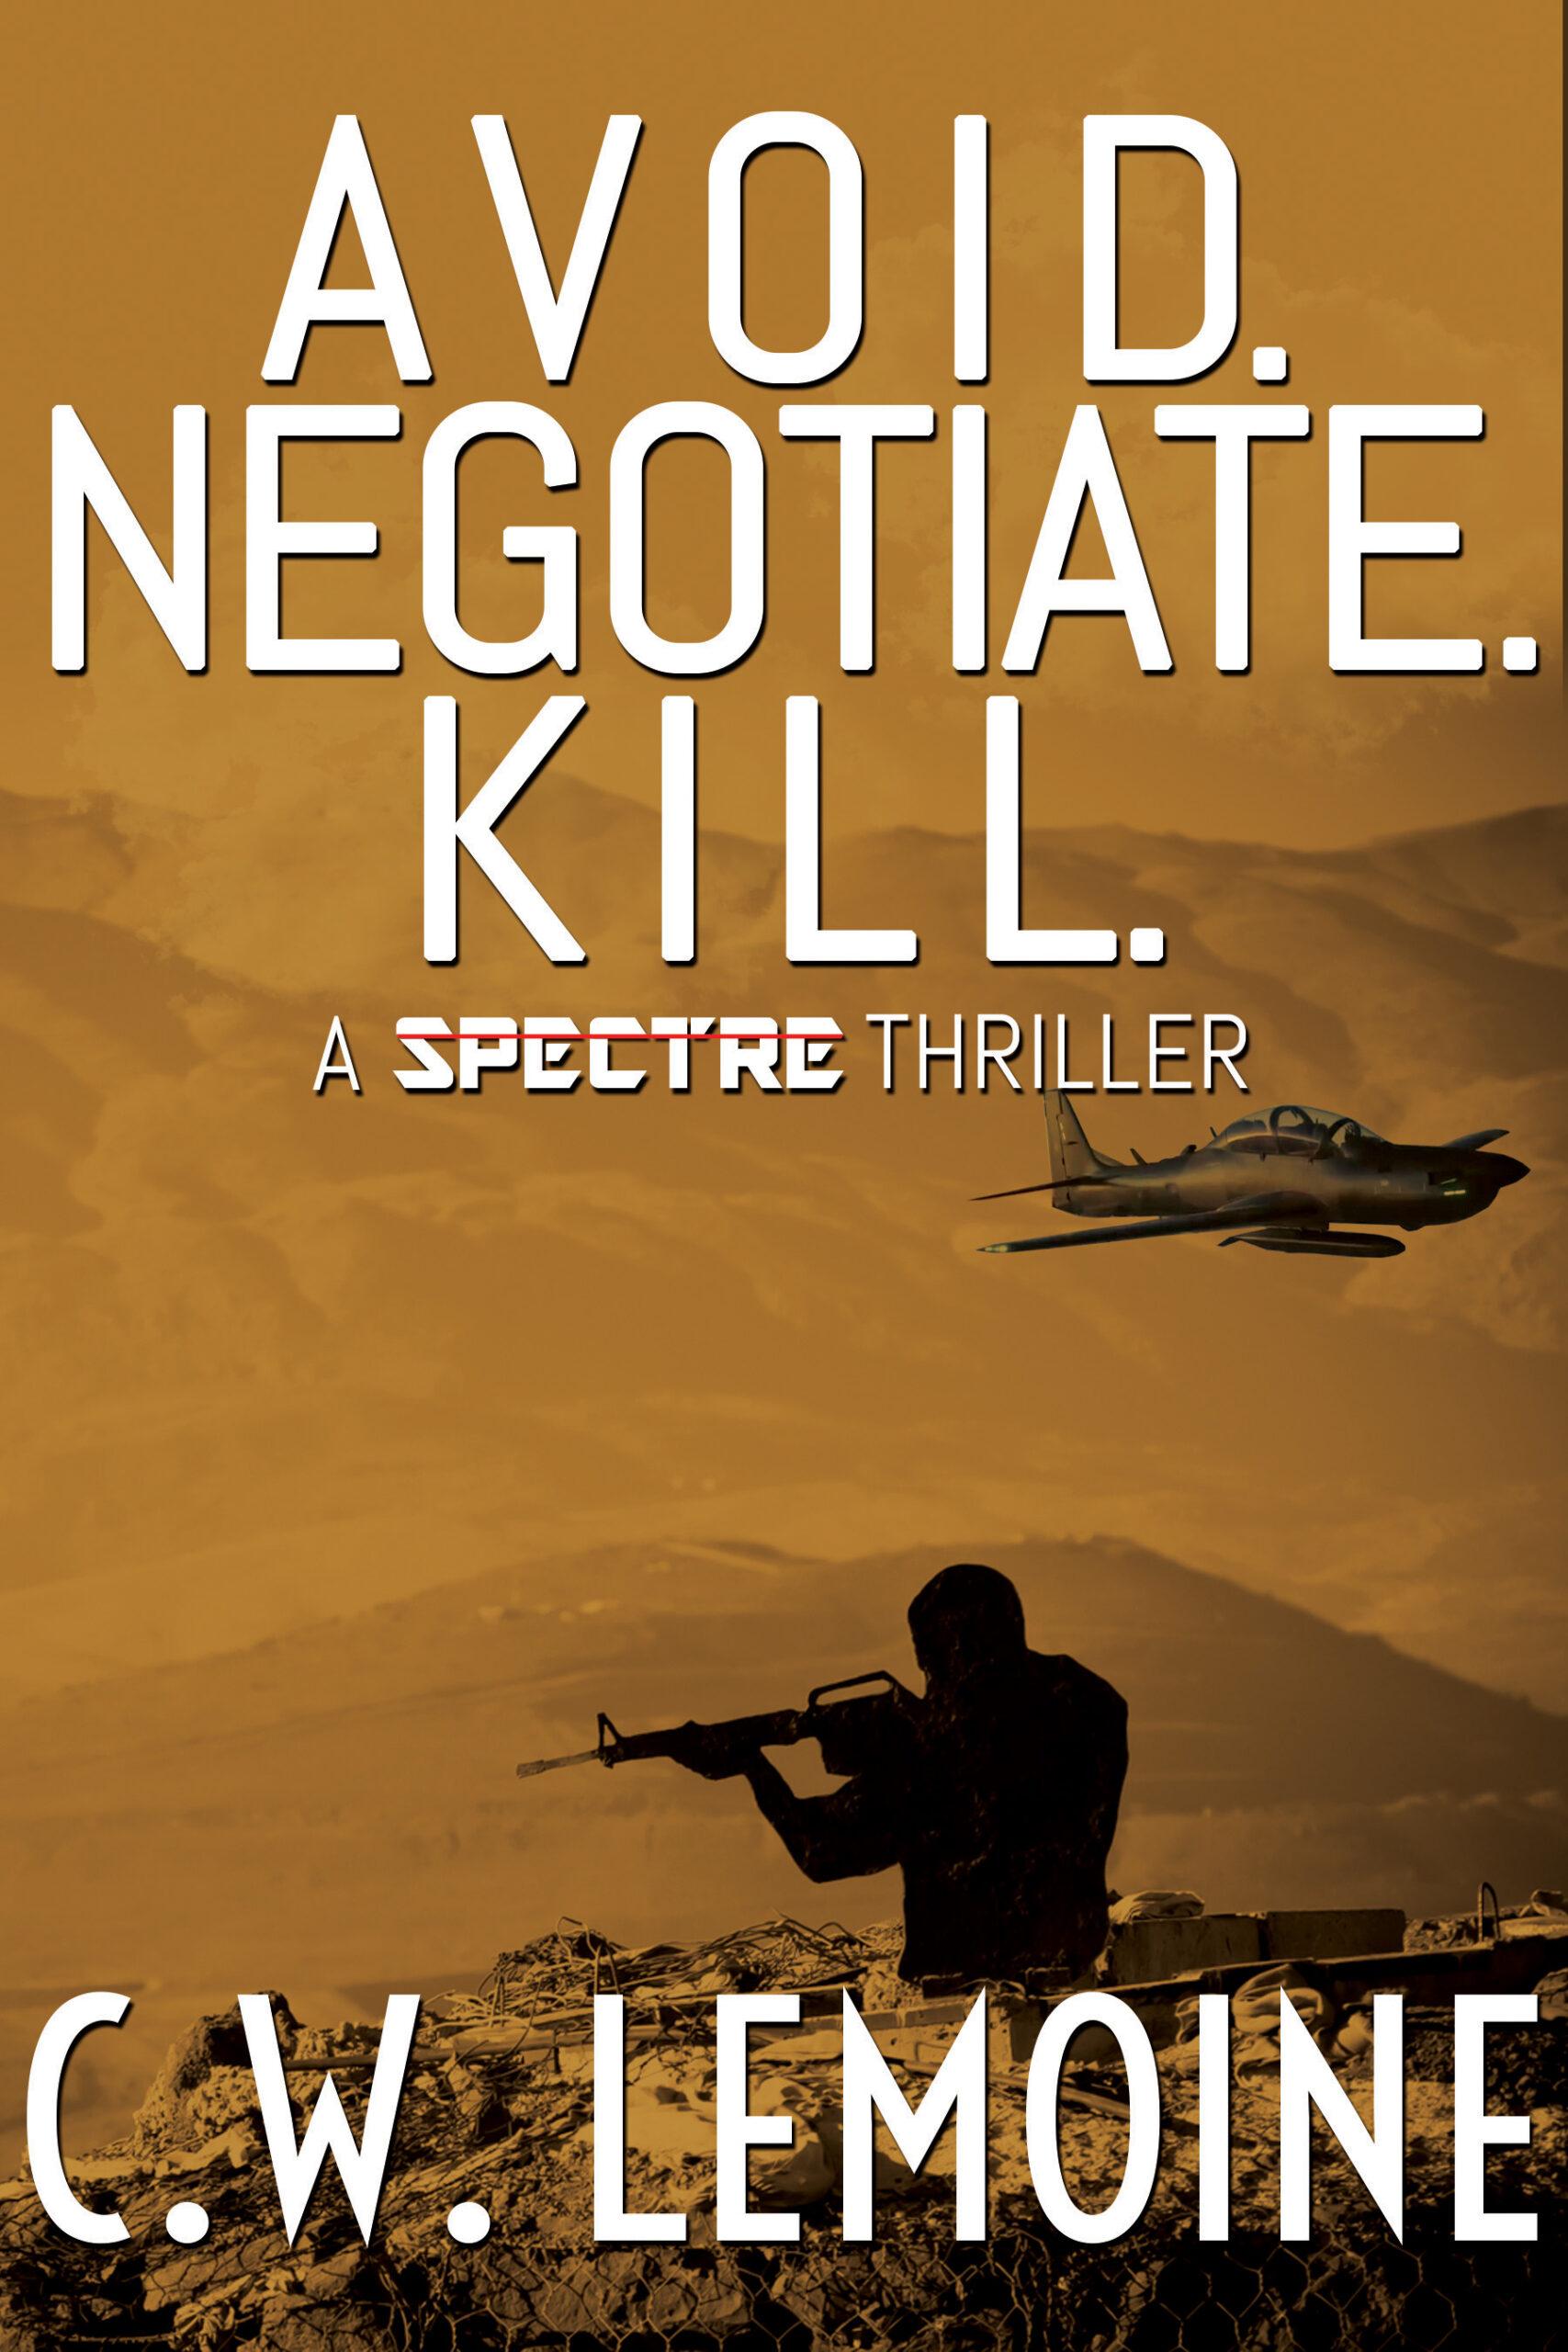 Avoid. Negotiation. Kill.